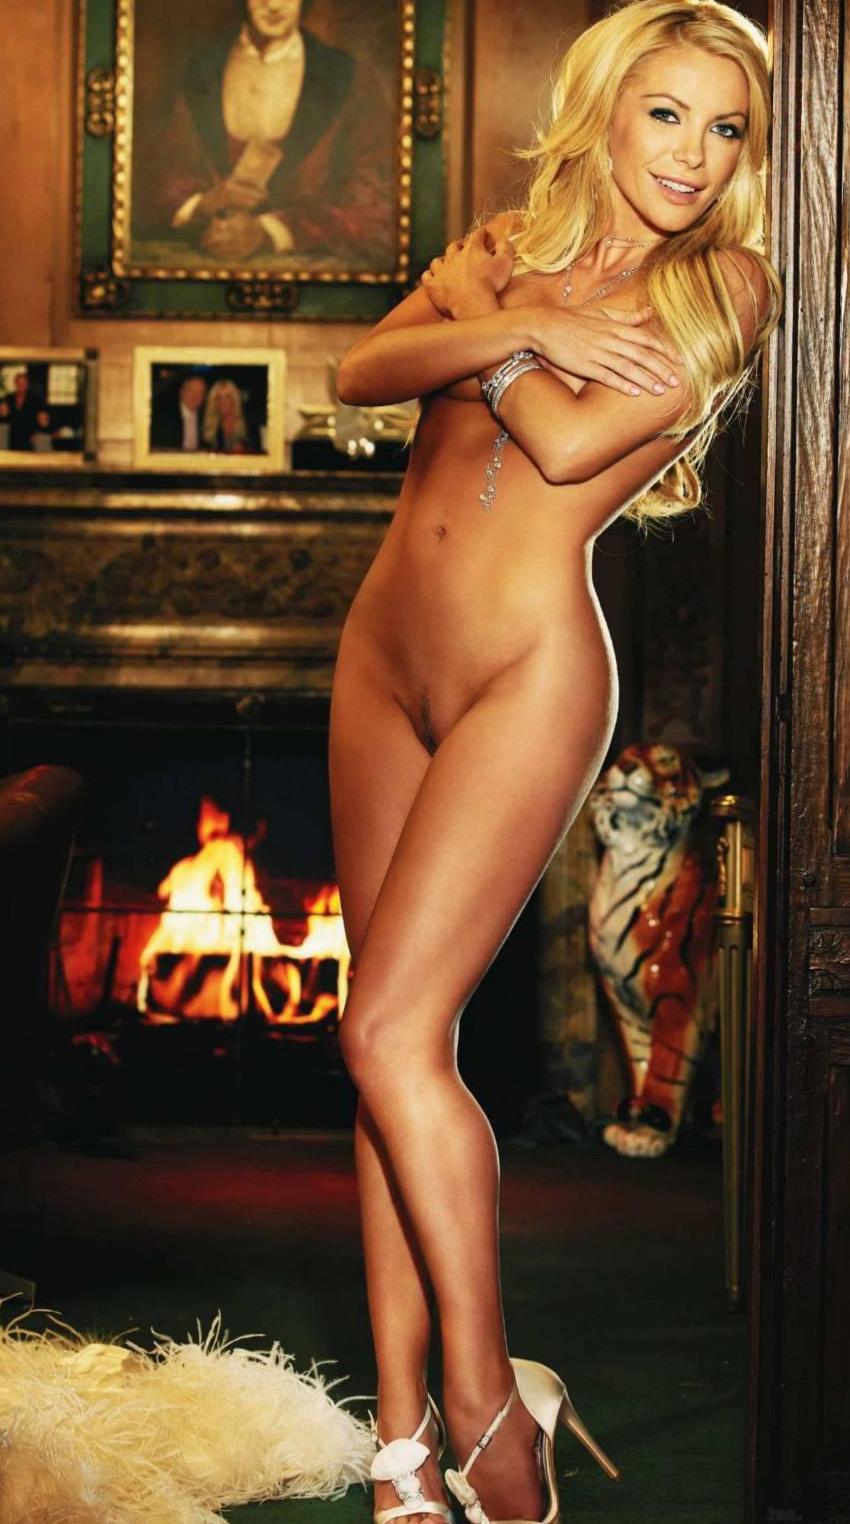 Nude pics of crystal harris